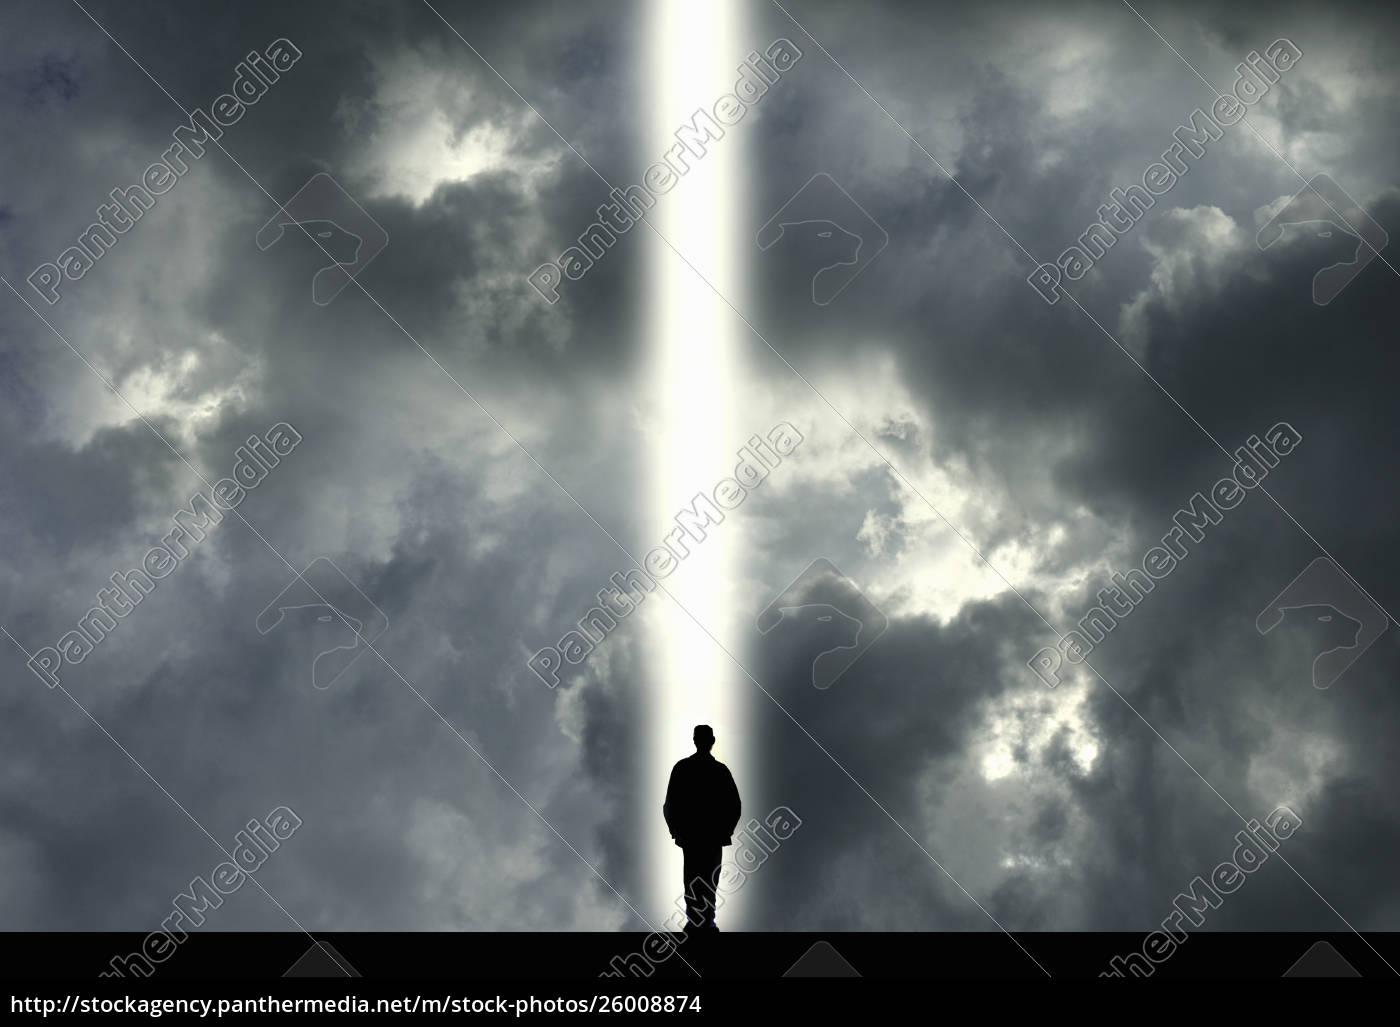 mann, steht, im, lichtschacht - 26008874